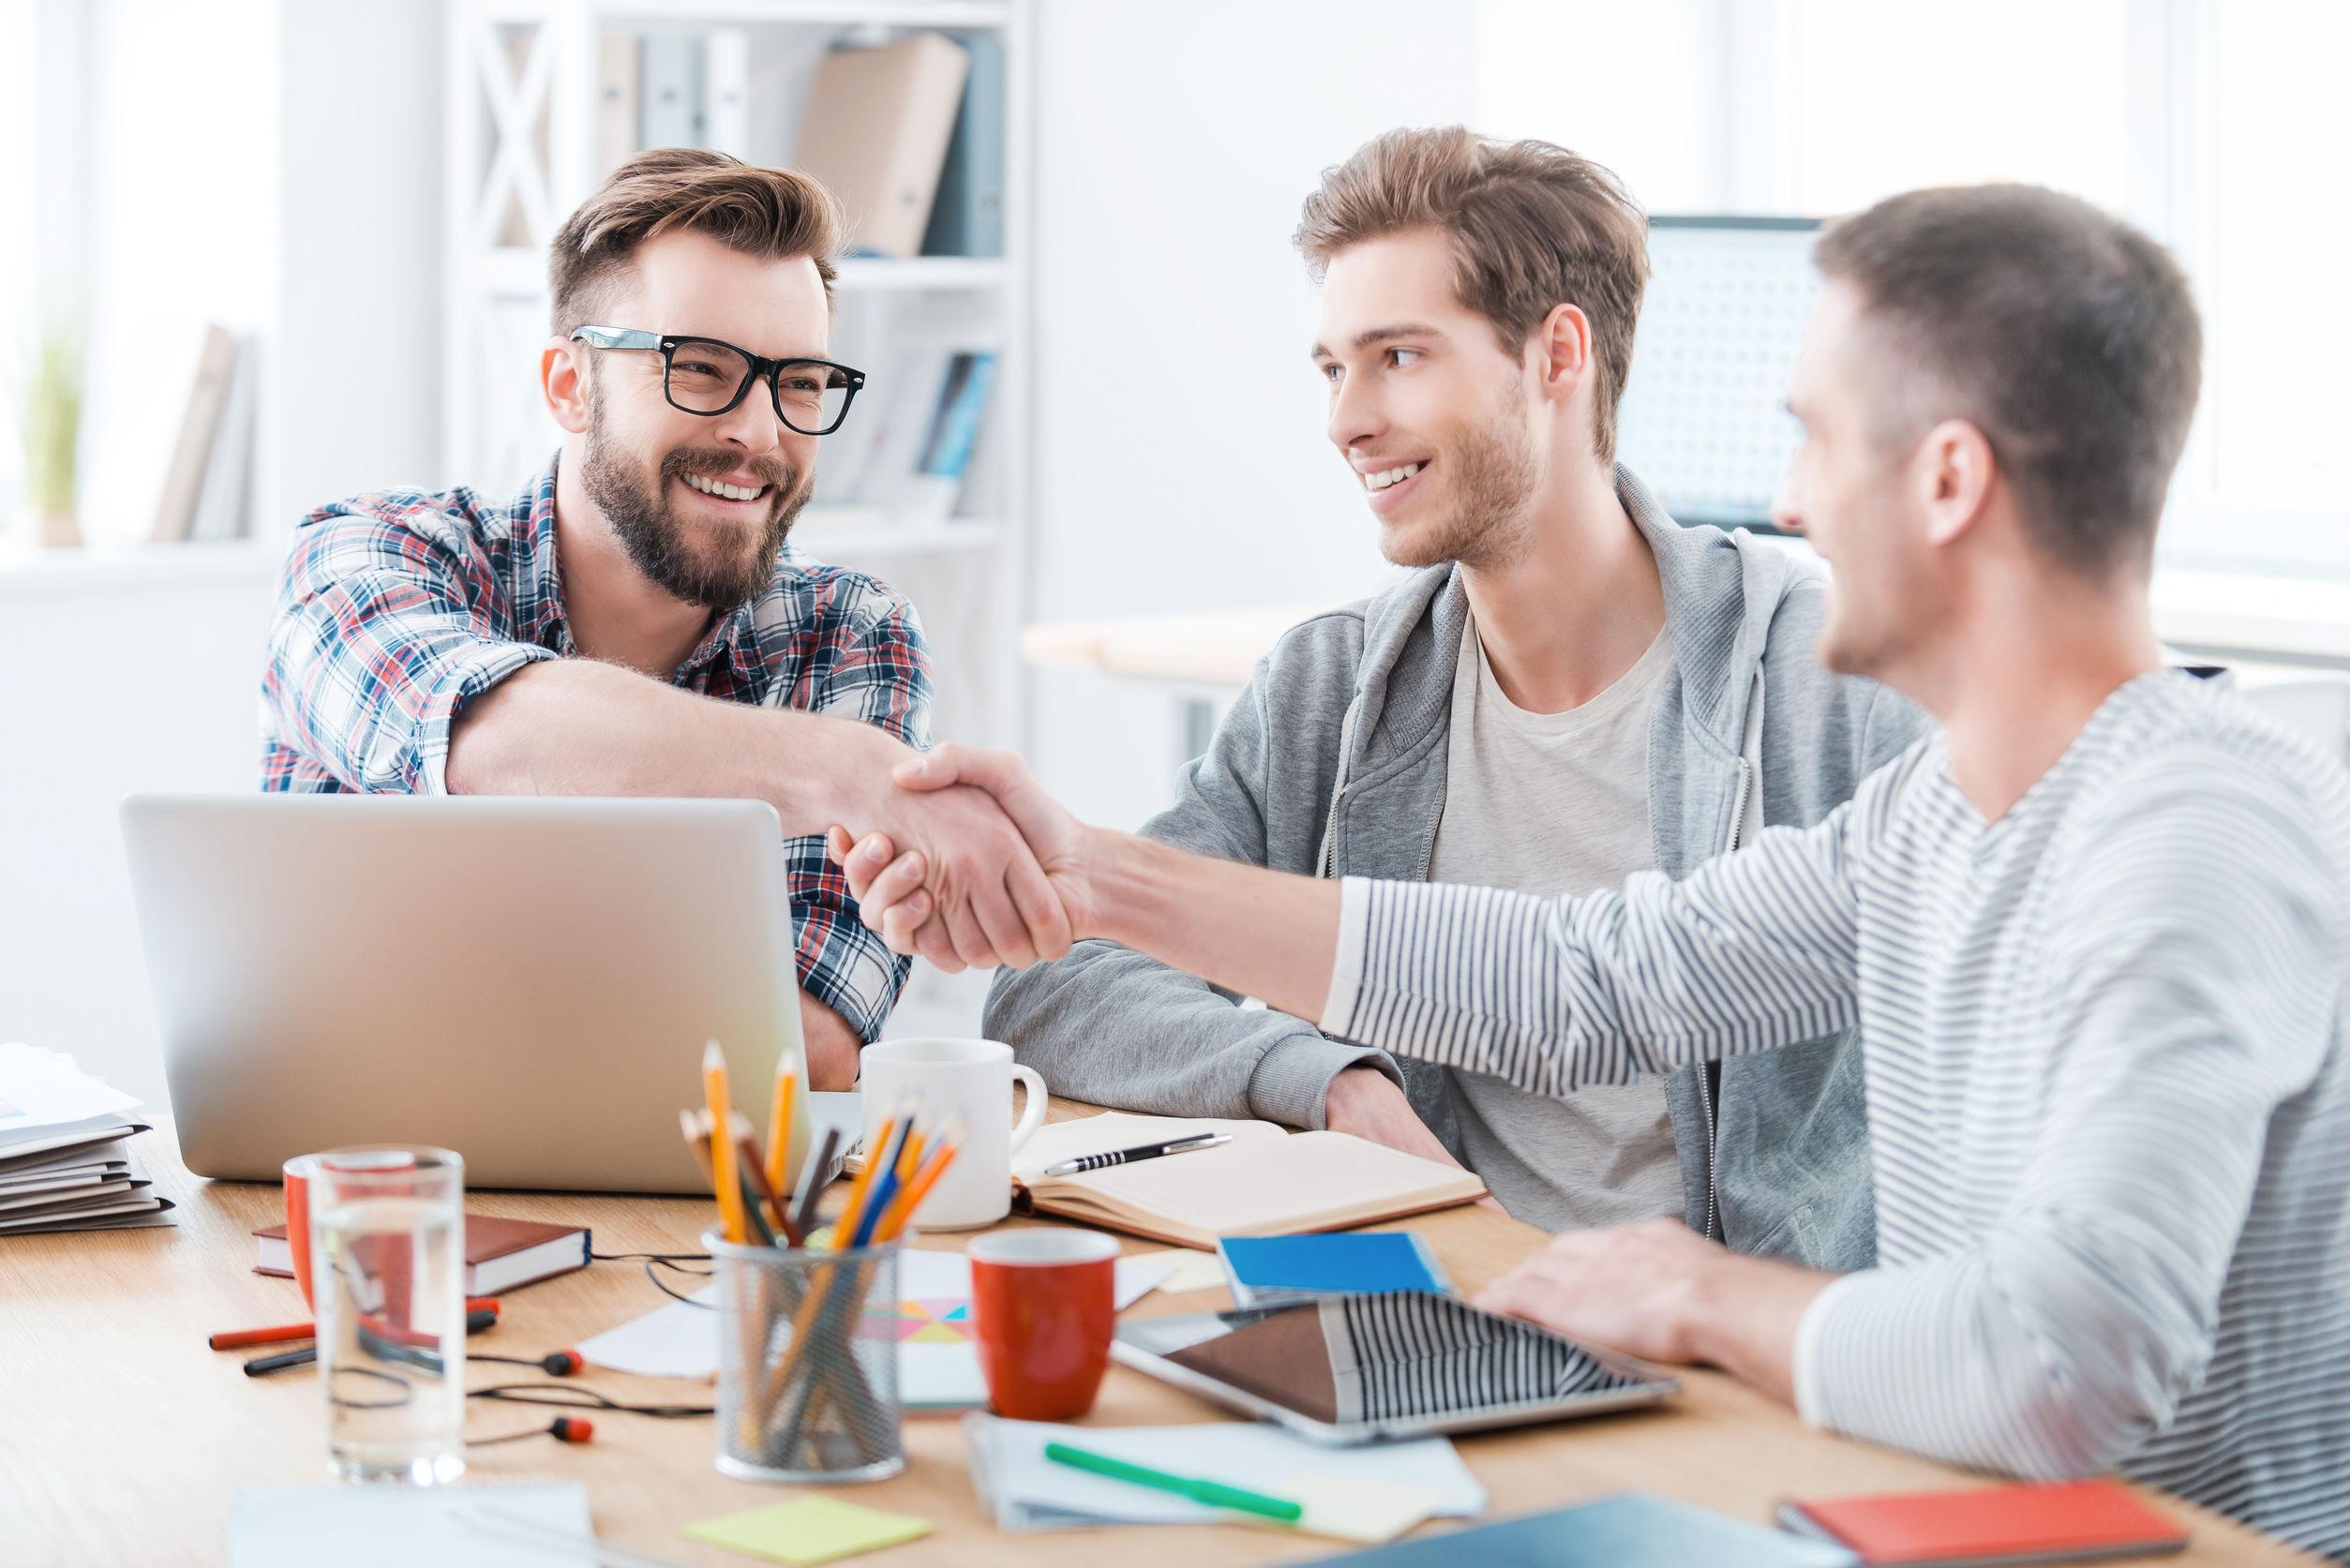 Cele 4 reguli folosite de Google pentru a găsi angajații de top